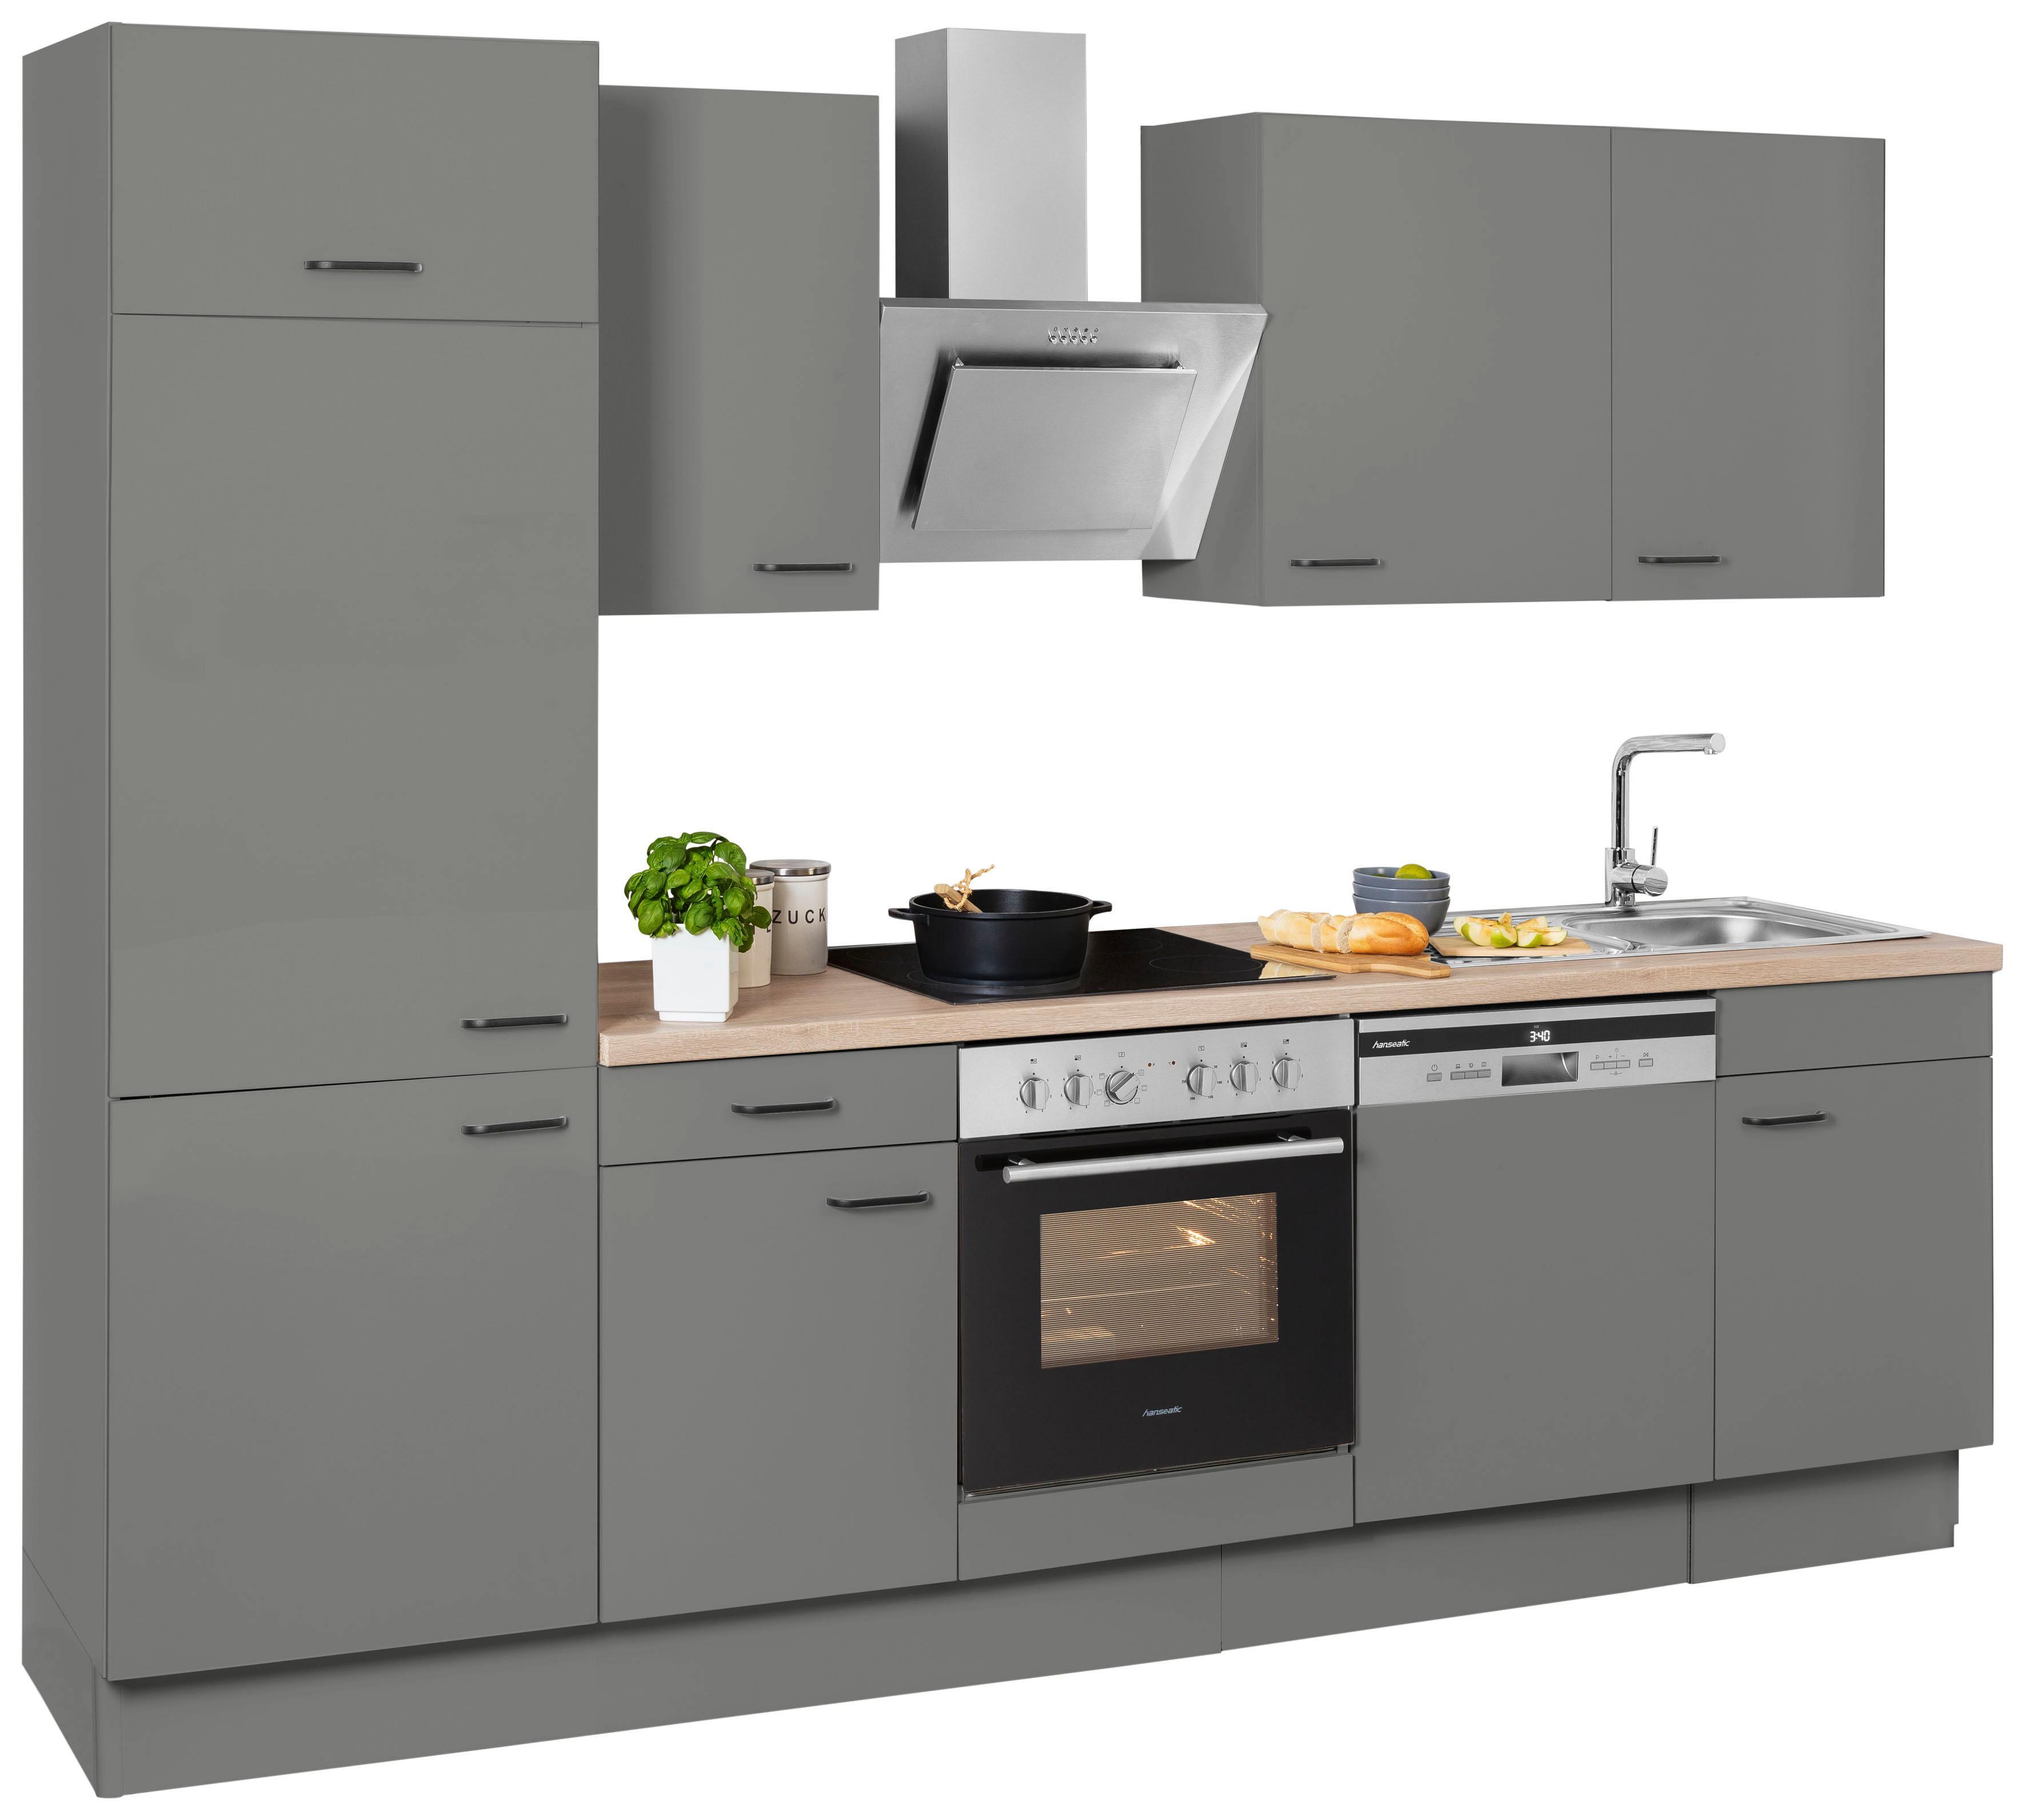 Optifit Küchenzeile Ohne E Geräte Elga Breite 280 Cm Kaufen Baur